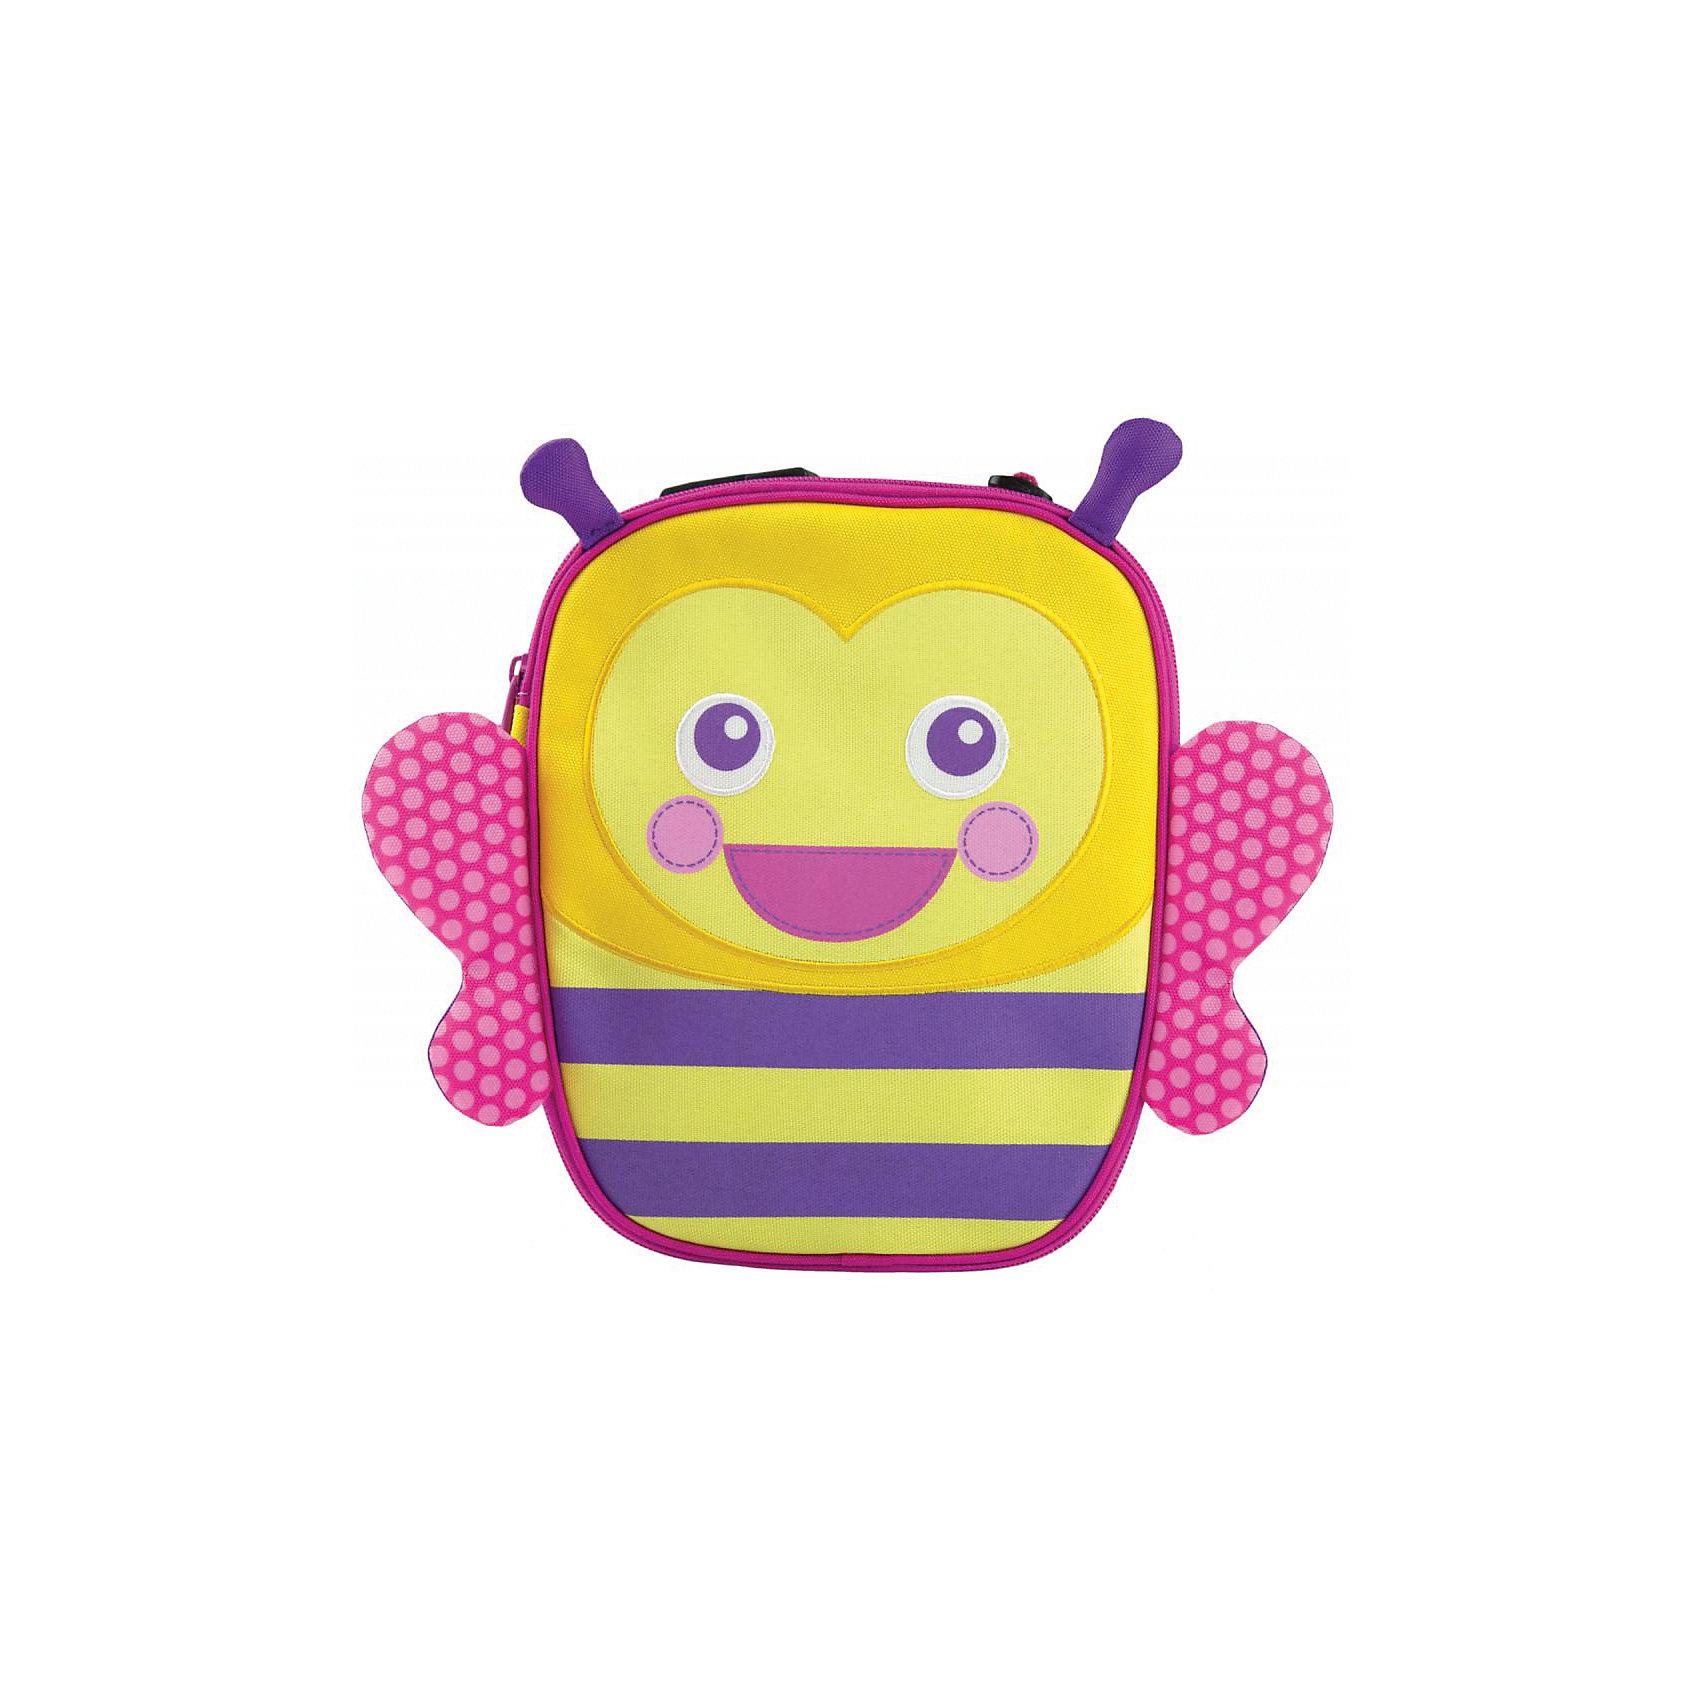 Термосумка желтая, MunchkinТермосумки и термосы<br>Термосумка желтая, Munchkin (Манчкин) – это удобный и практичный аксессуар для вашего малыша.<br>Оригинальный ланч-бокс на молнии позволит сохранить детский перекус в нужной температуре - летом у малыша всегда будет под рукой прохладный напиток и баночка пюре, а в холодное время года в такой сумочке удобно брать с собой горячий обед. Термосумка вмещает полноценный детский обед с напитком. Изолированная термоподкладка надолго сохранит температуру еды. Подкладка легко чистится, Сумочка имеет отдельный сетчатый карман для столовых приборов, салфеток и прочих мелочей. Предусмотрена удобная ручка для переноски - благодаря пряжке на ручке, ланч-бокс можно подвесить на коляску или прикрепить к взрослой сумке, если вы собираетесь в поездку.<br><br>Дополнительная информация:<br><br>- Размер упаковки: 30 х 25 х 12 см.<br>- Вес: 350 г.<br><br>Термосумку желтую, Munchkin (Манчкин) можно купить в нашем интернет-магазине.<br><br>Ширина мм: 300<br>Глубина мм: 250<br>Высота мм: 120<br>Вес г: 350<br>Возраст от месяцев: 12<br>Возраст до месяцев: 36<br>Пол: Унисекс<br>Возраст: Детский<br>SKU: 4142398